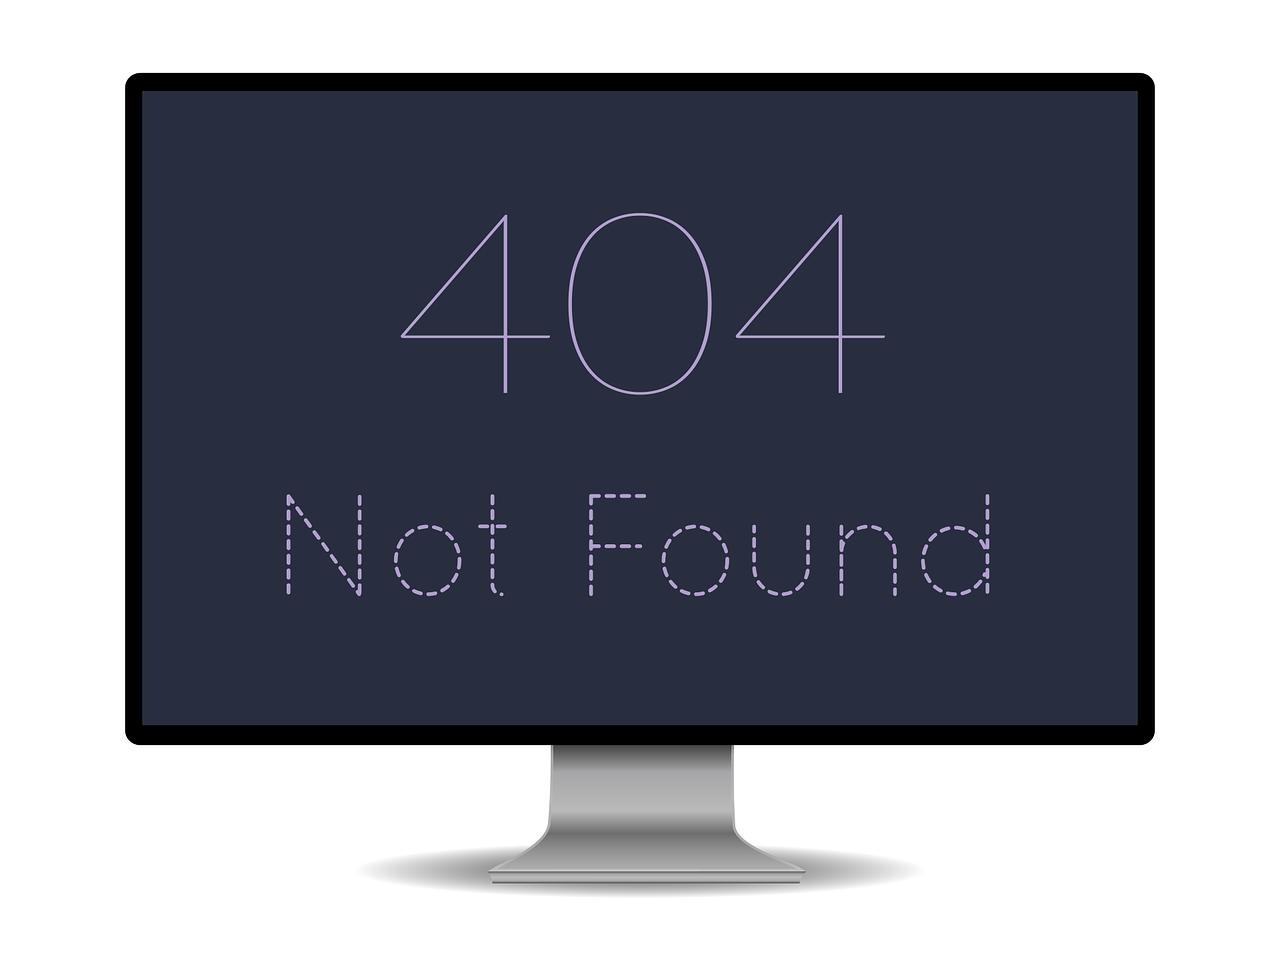 Check 404 errors